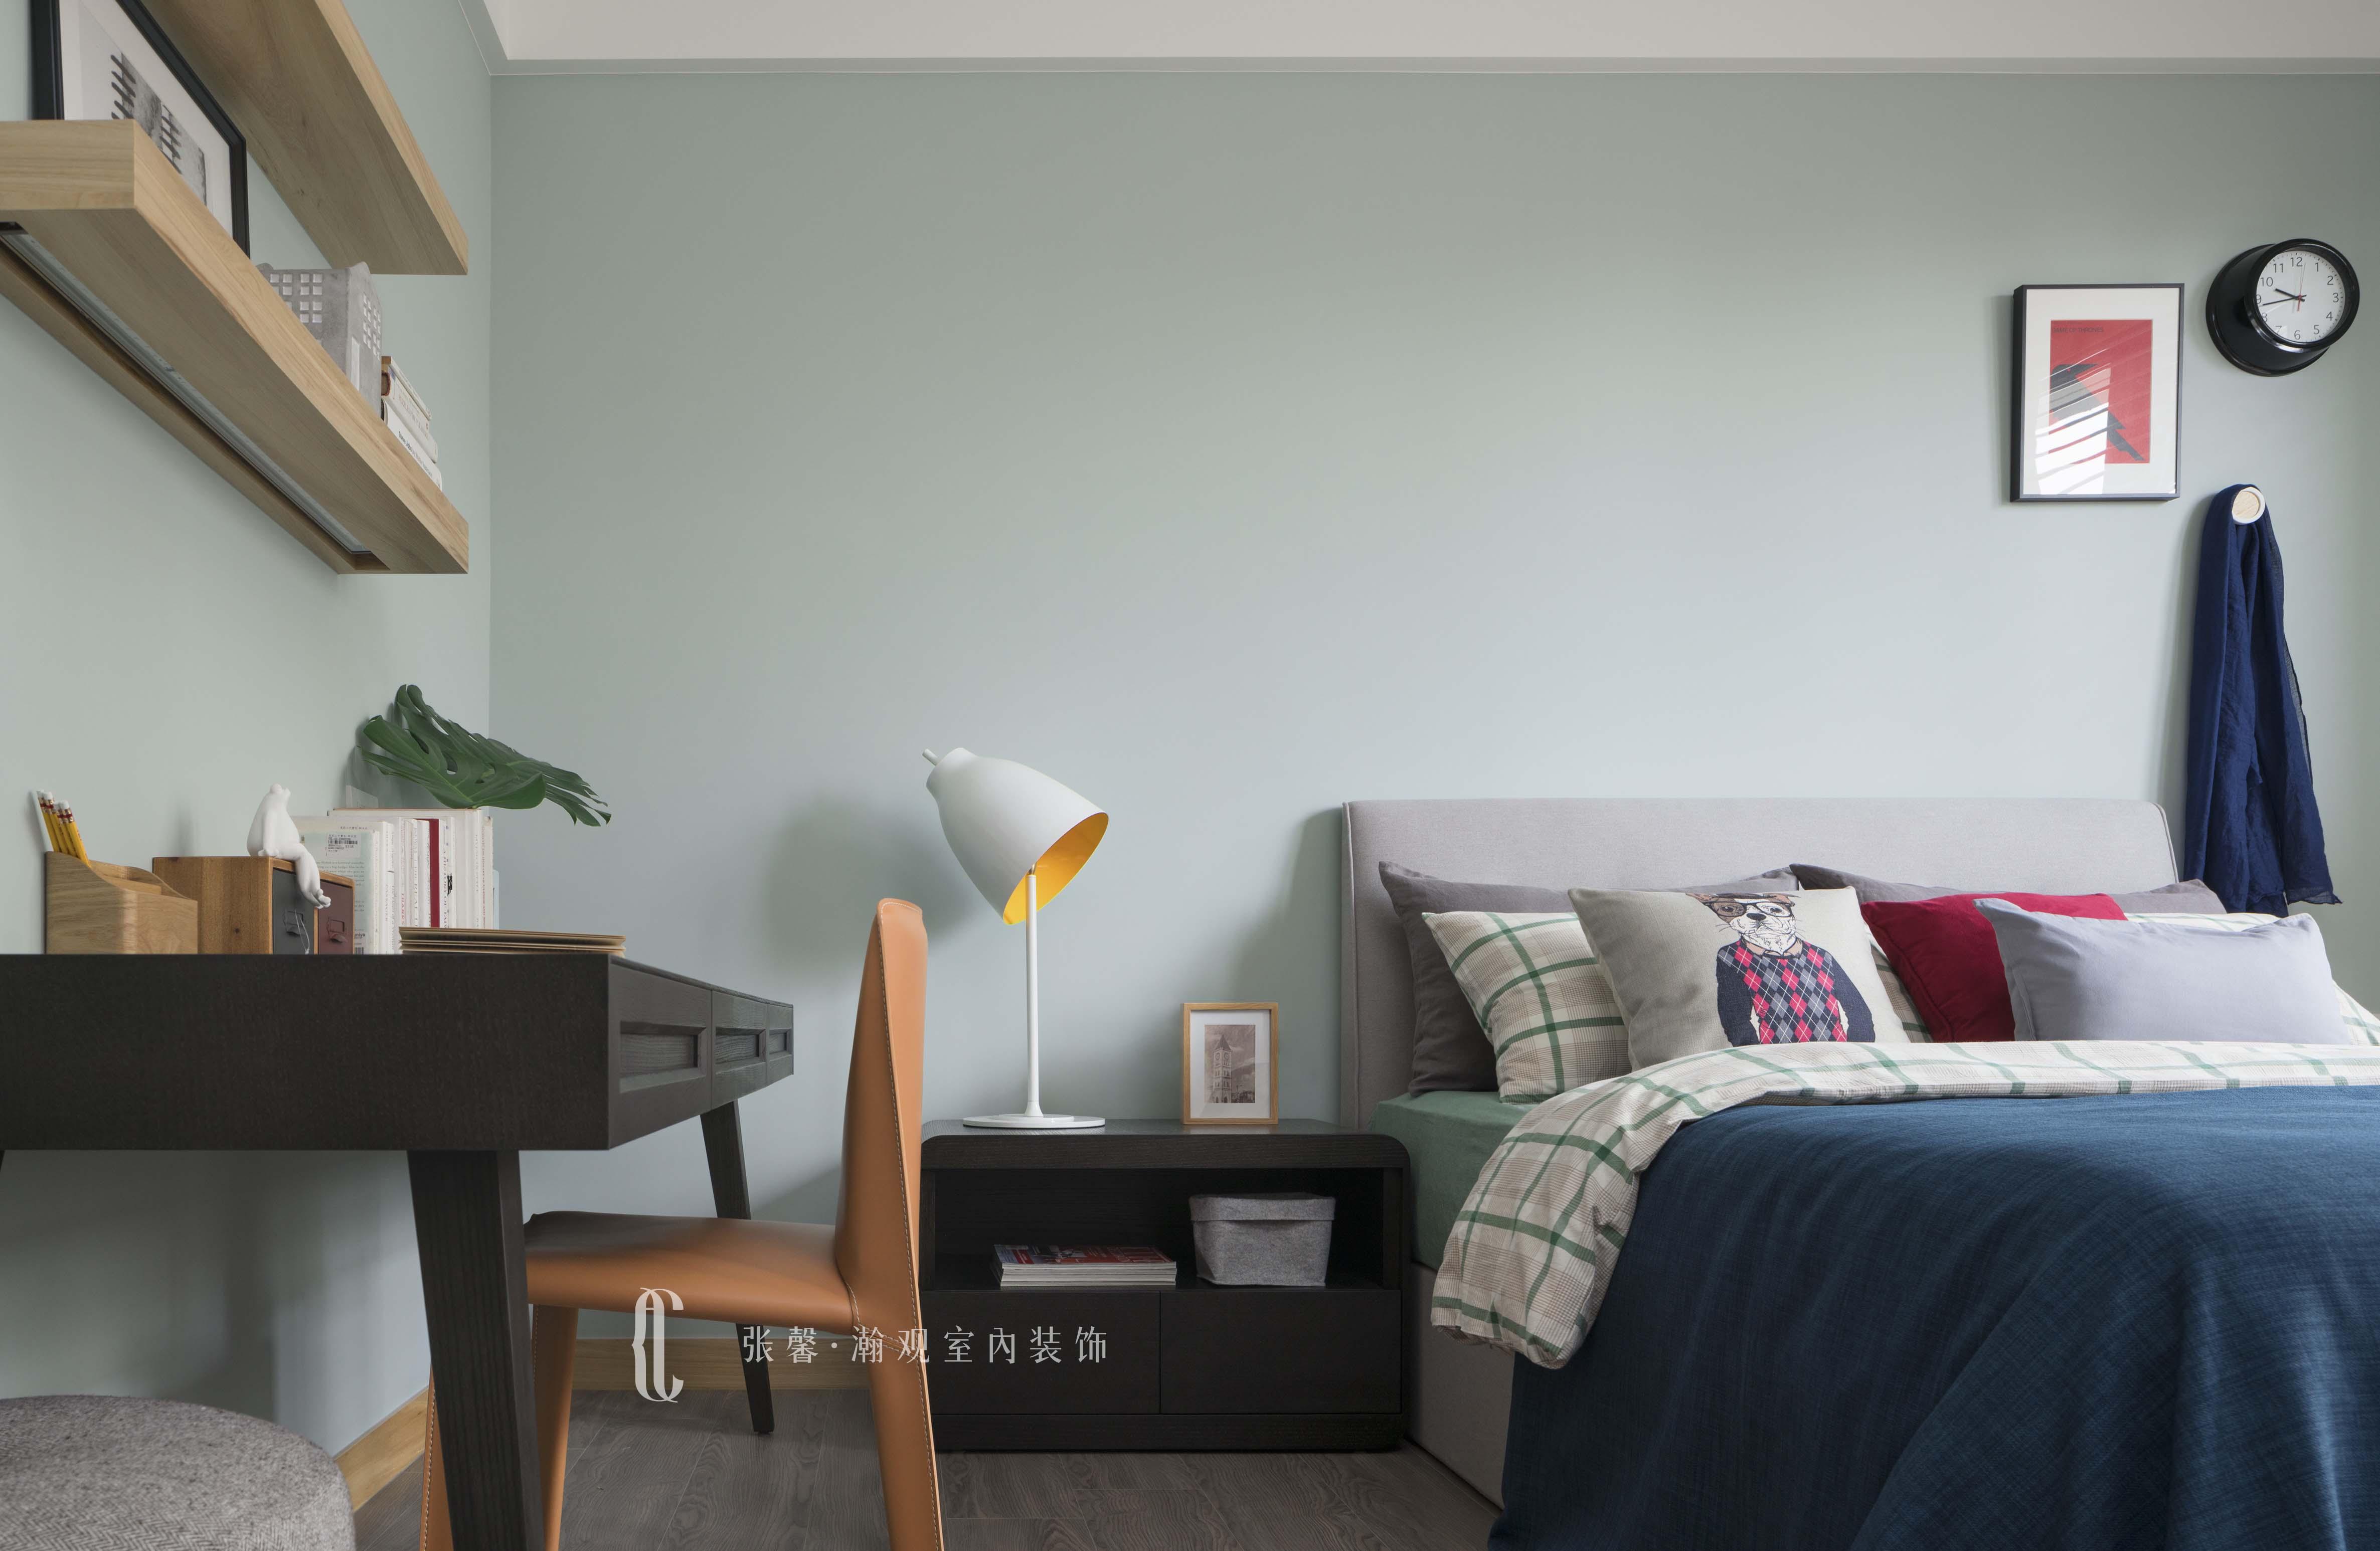 三居 张馨 美式 卧房 卧室图片来自张馨_瀚观室内装饰在翱翔 水畔森林的分享